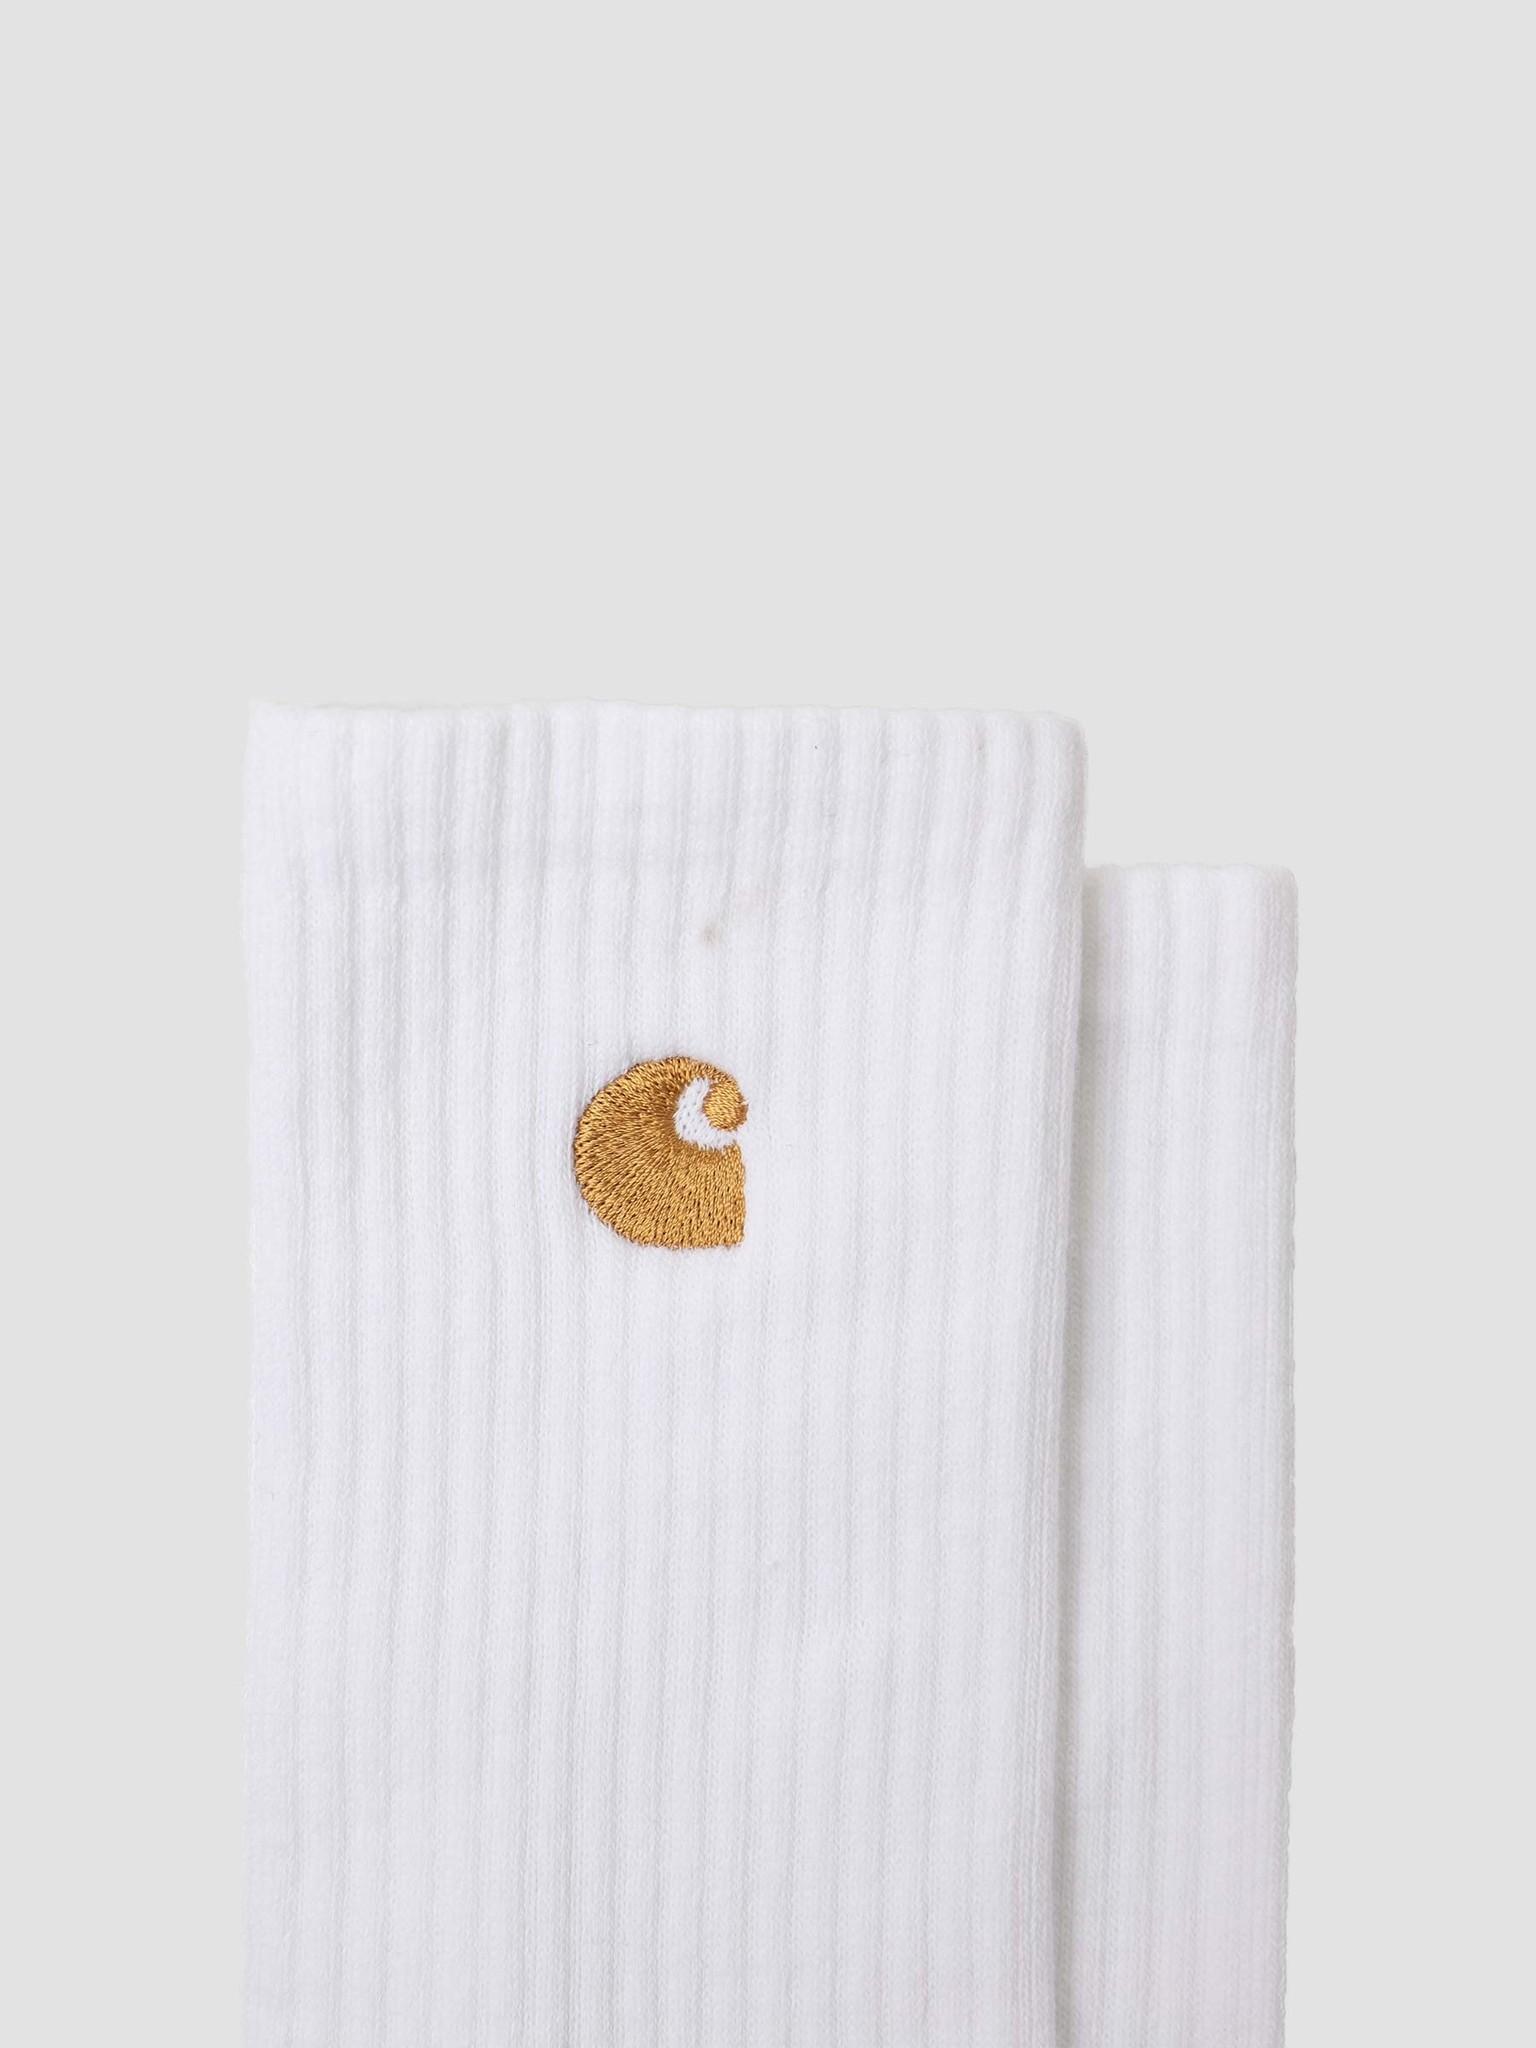 Carhartt WIP Carhartt WIP Chase Socks White Gold I029421-290